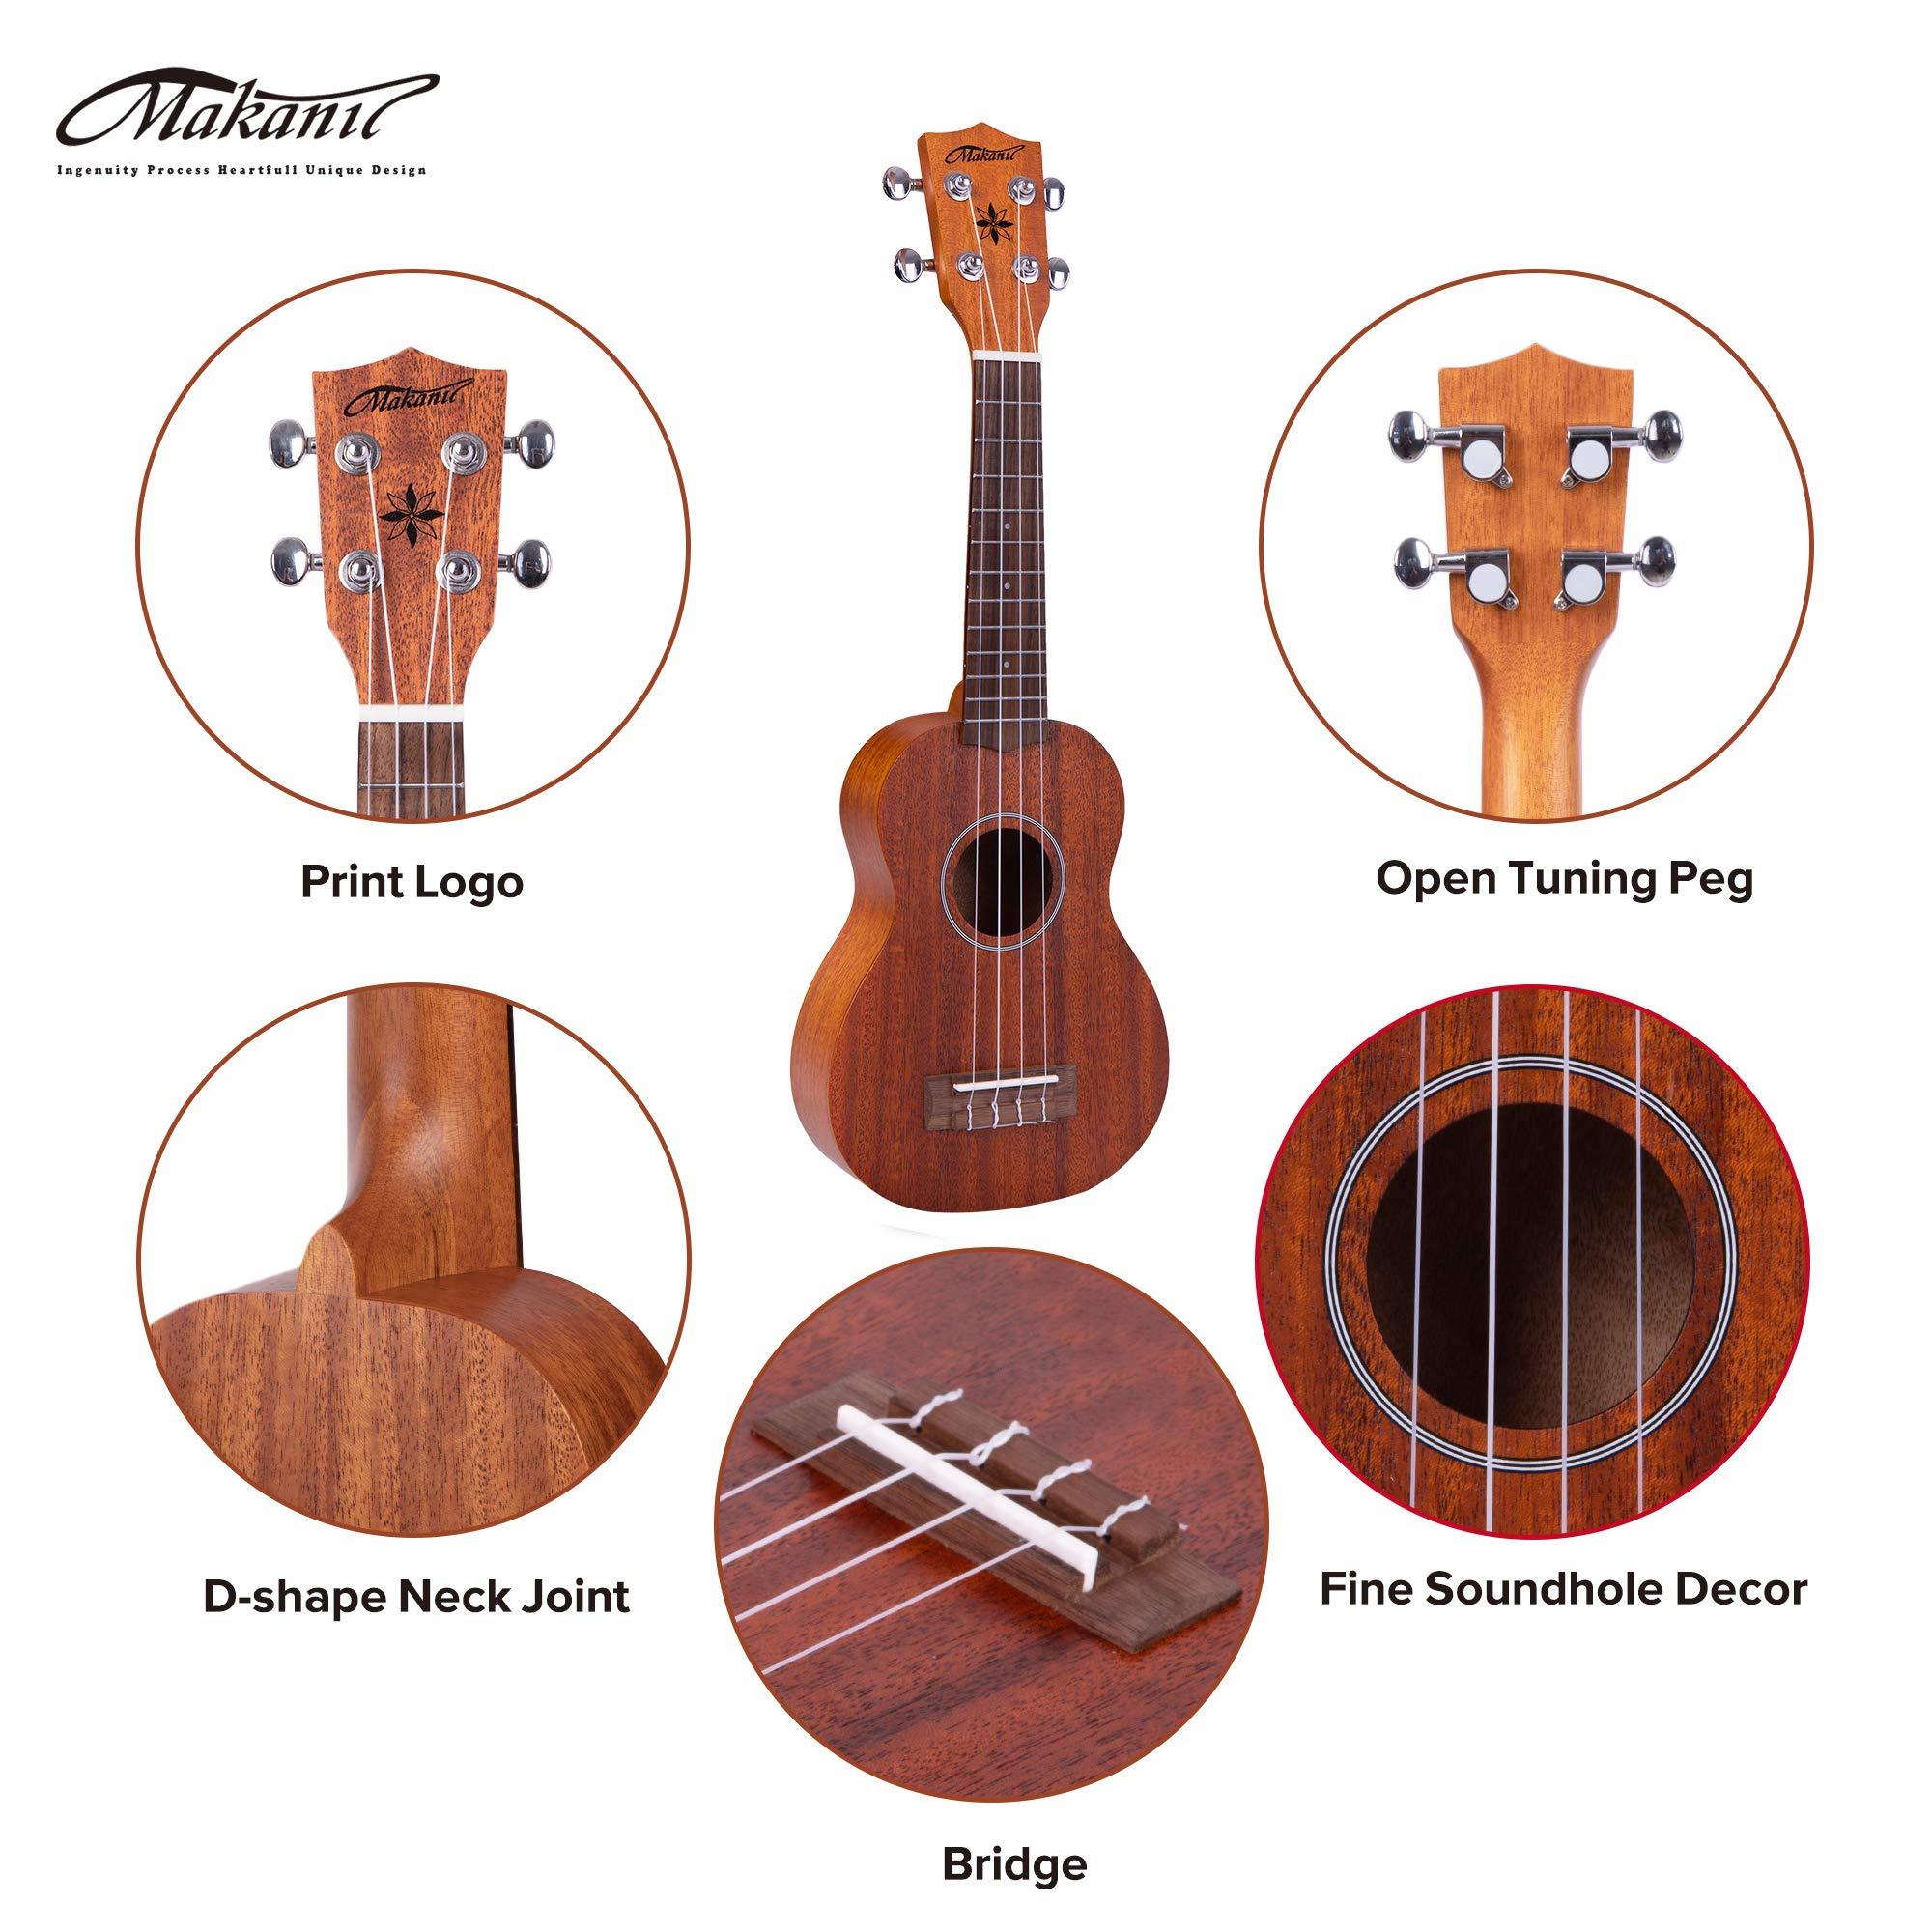 Makanu Soprano Ukulele Sapele 21 Inch Ukulele with Gig Bag for Beginners Matt Finish Four String Guitar